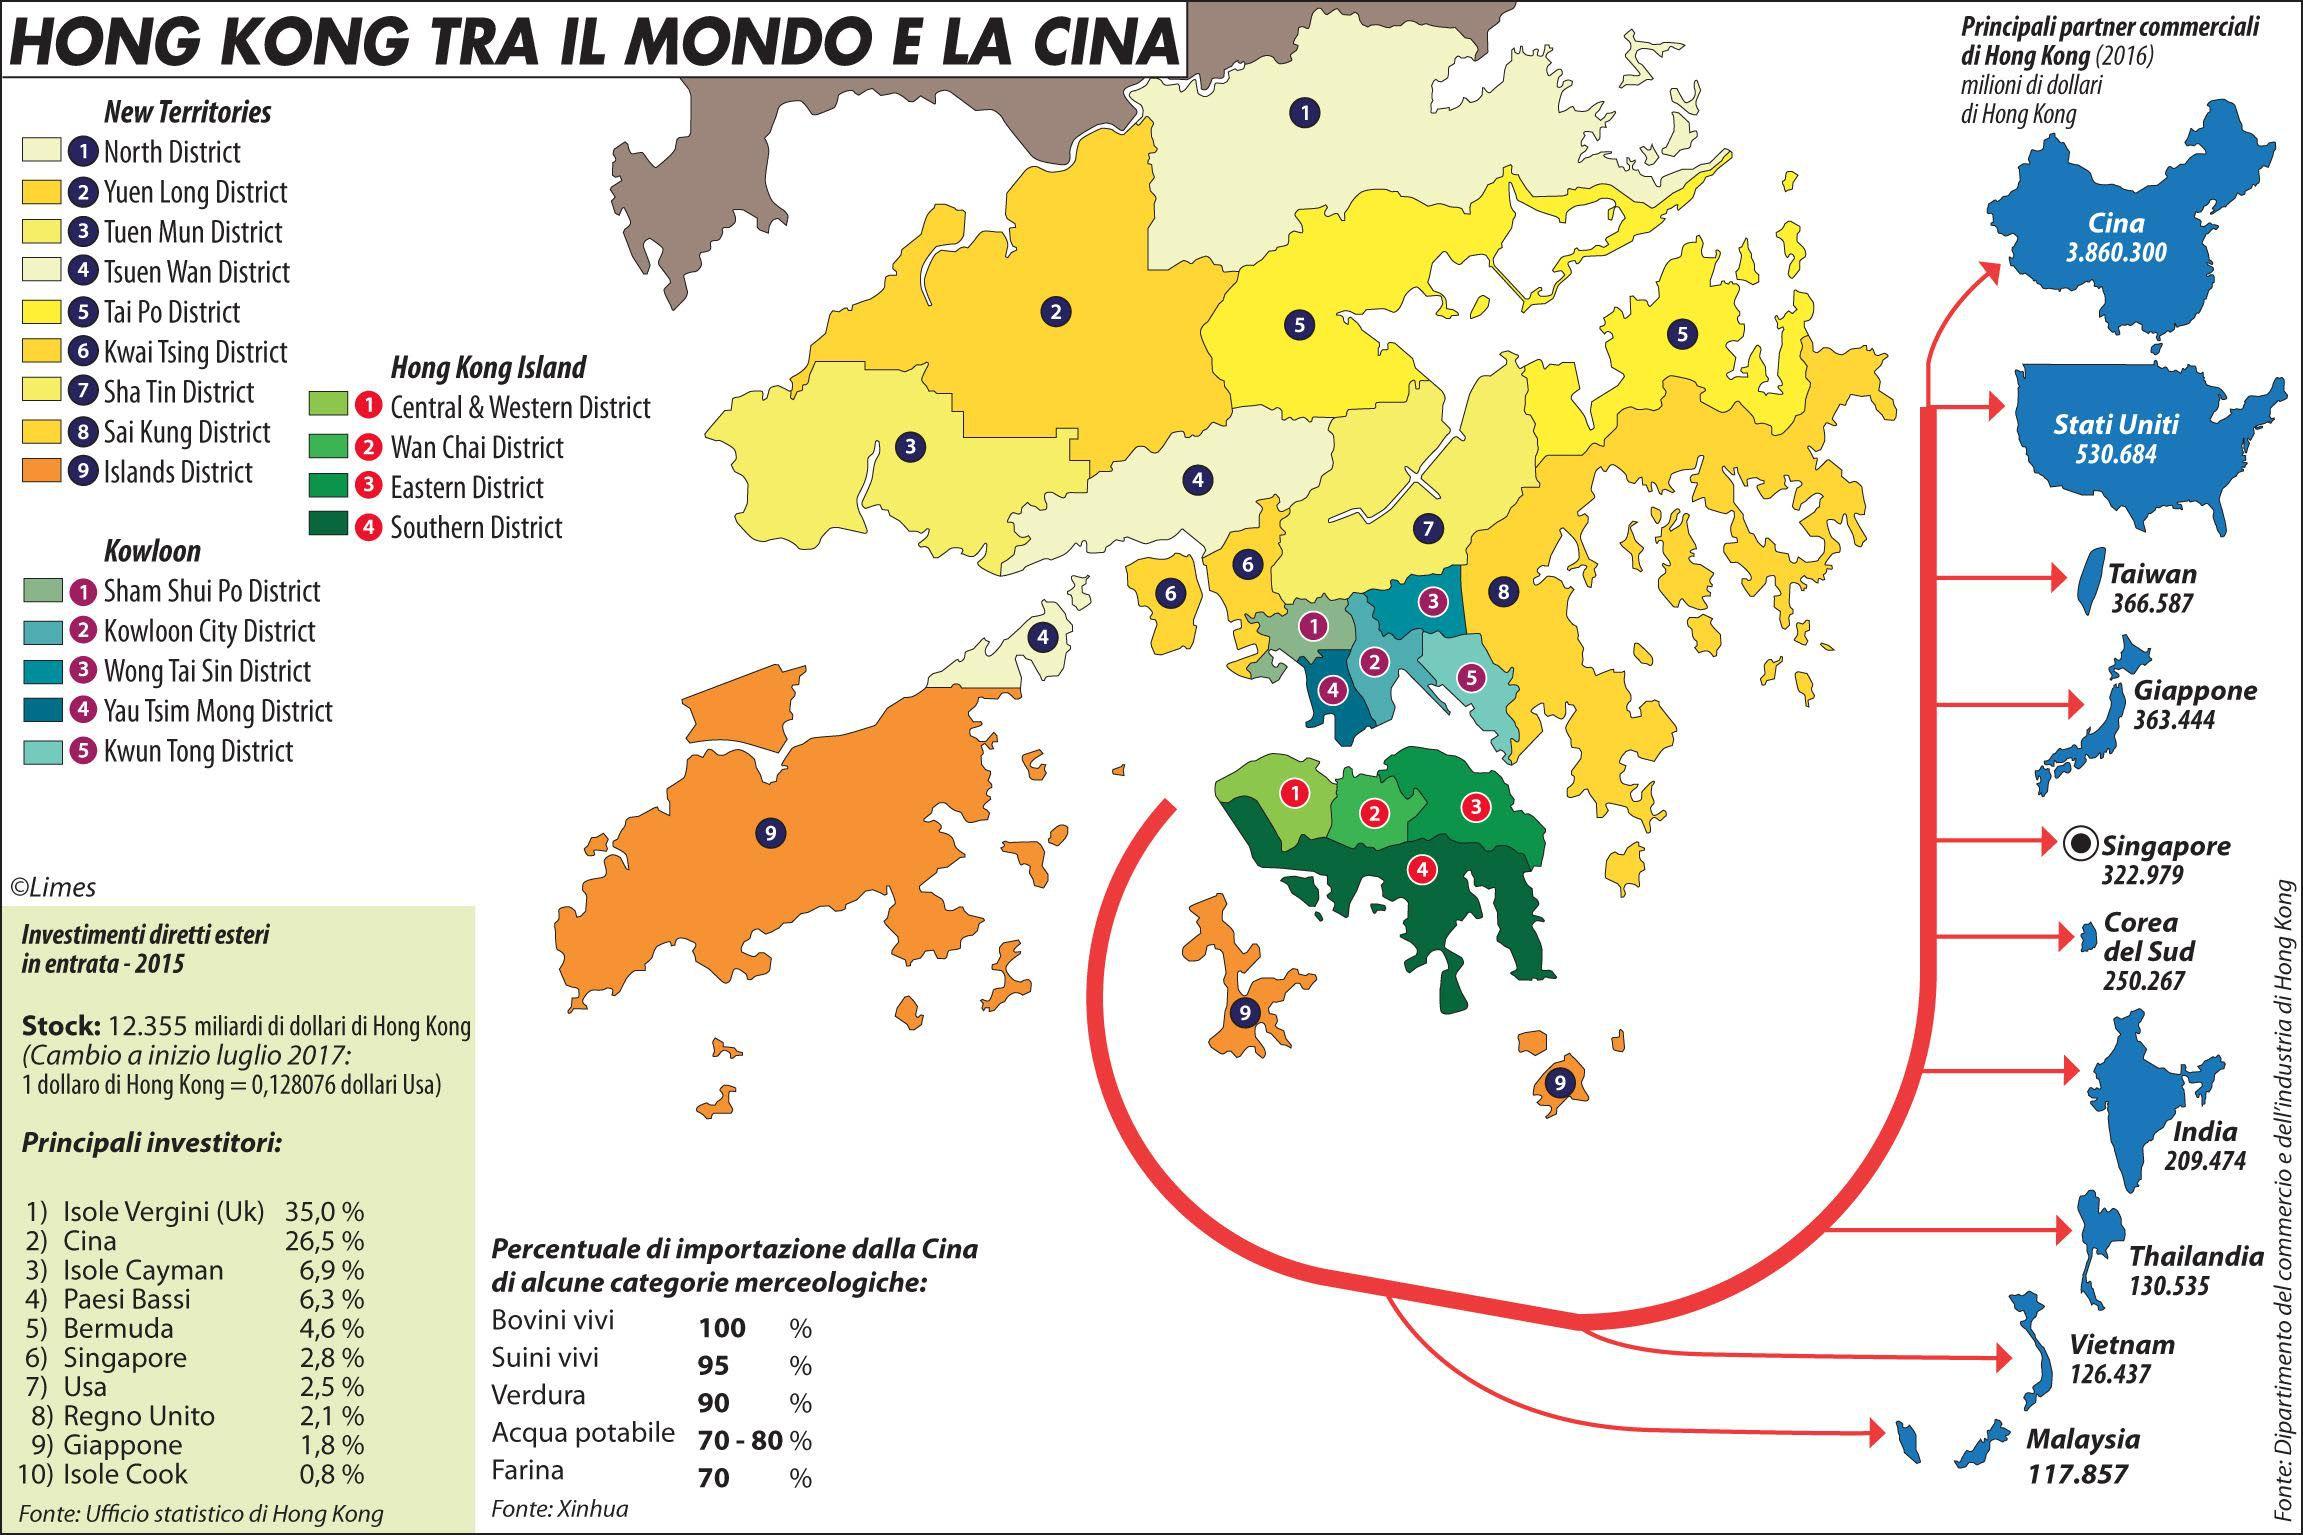 hong_kong_tra_mondo_e_cina